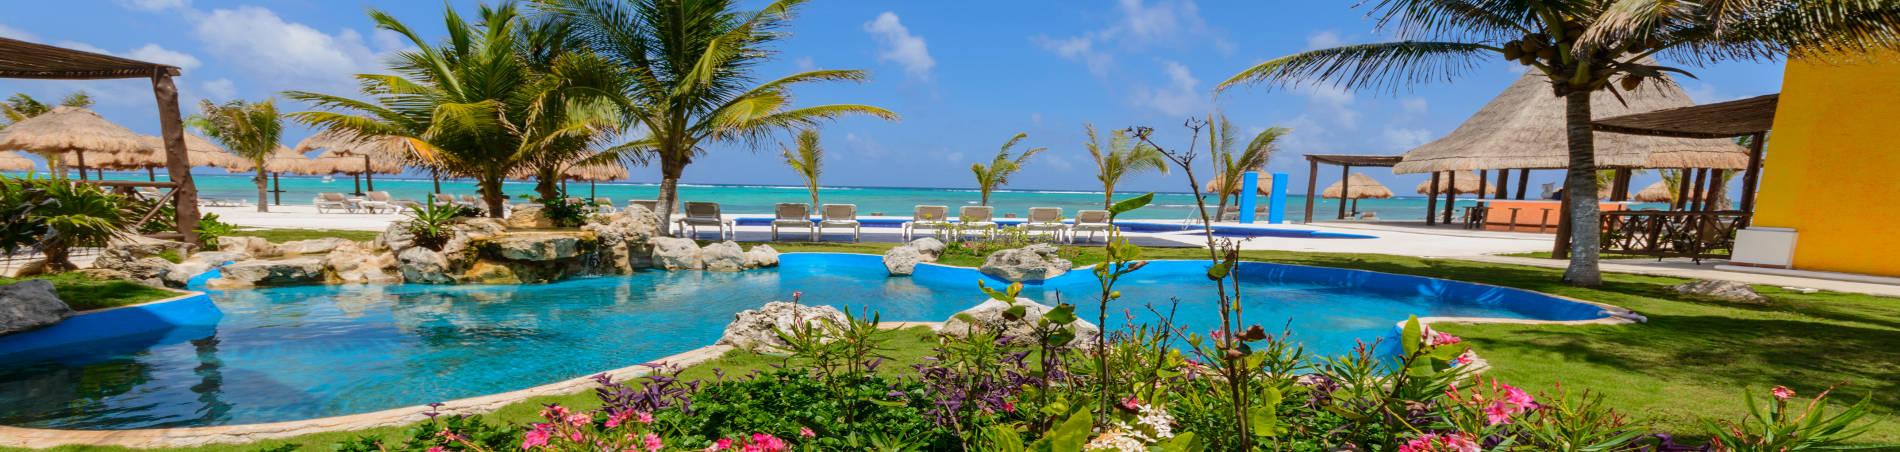 Pavoreal Resort